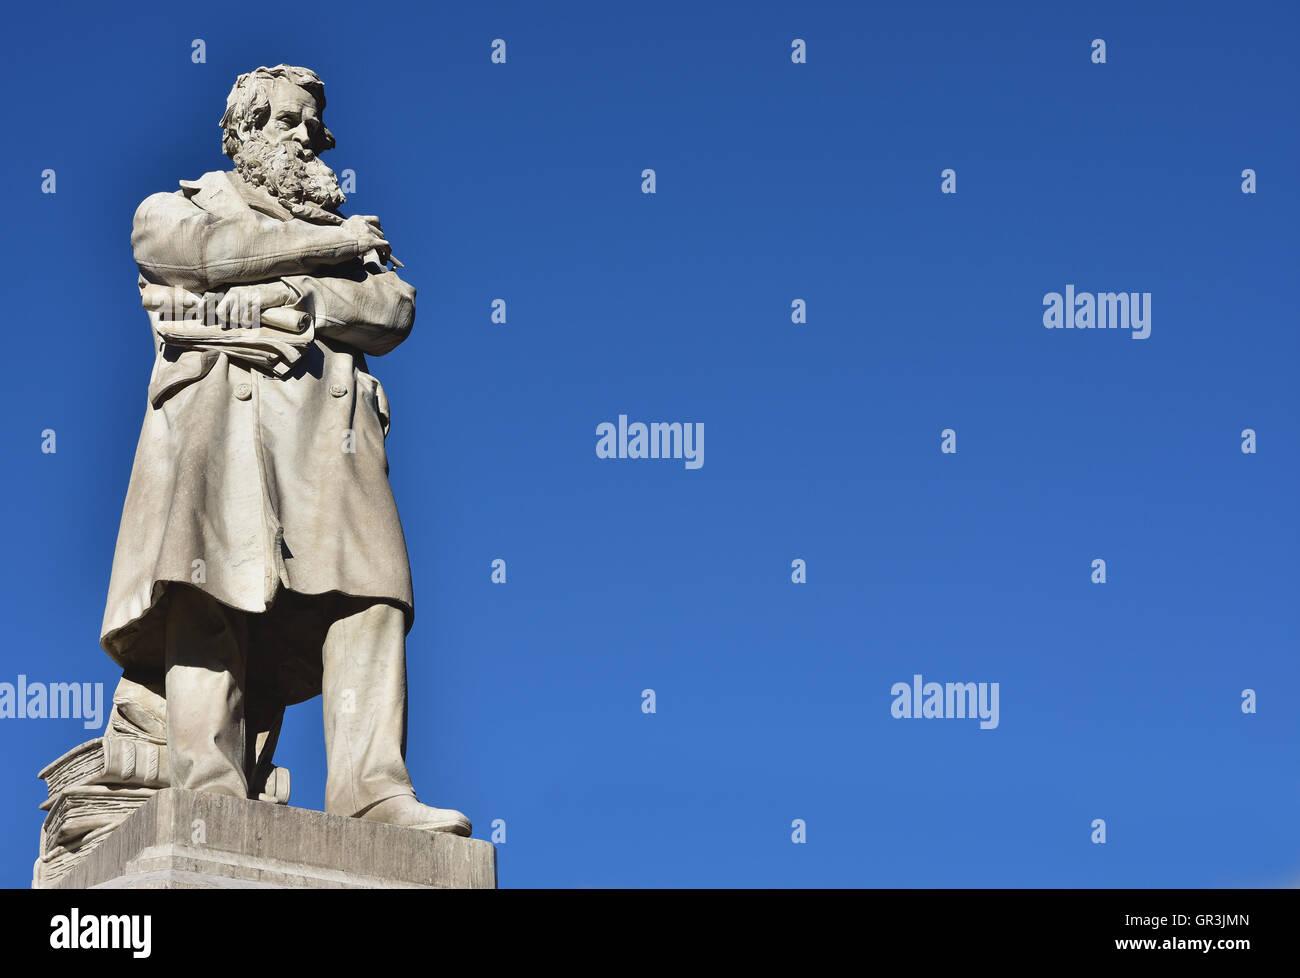 Estatua de mármol de la intelectual y patriota italiano Niccolo Tommaseo en el centro de la Plaza del Campo Santo Stefano (siglo XIX Foto de stock